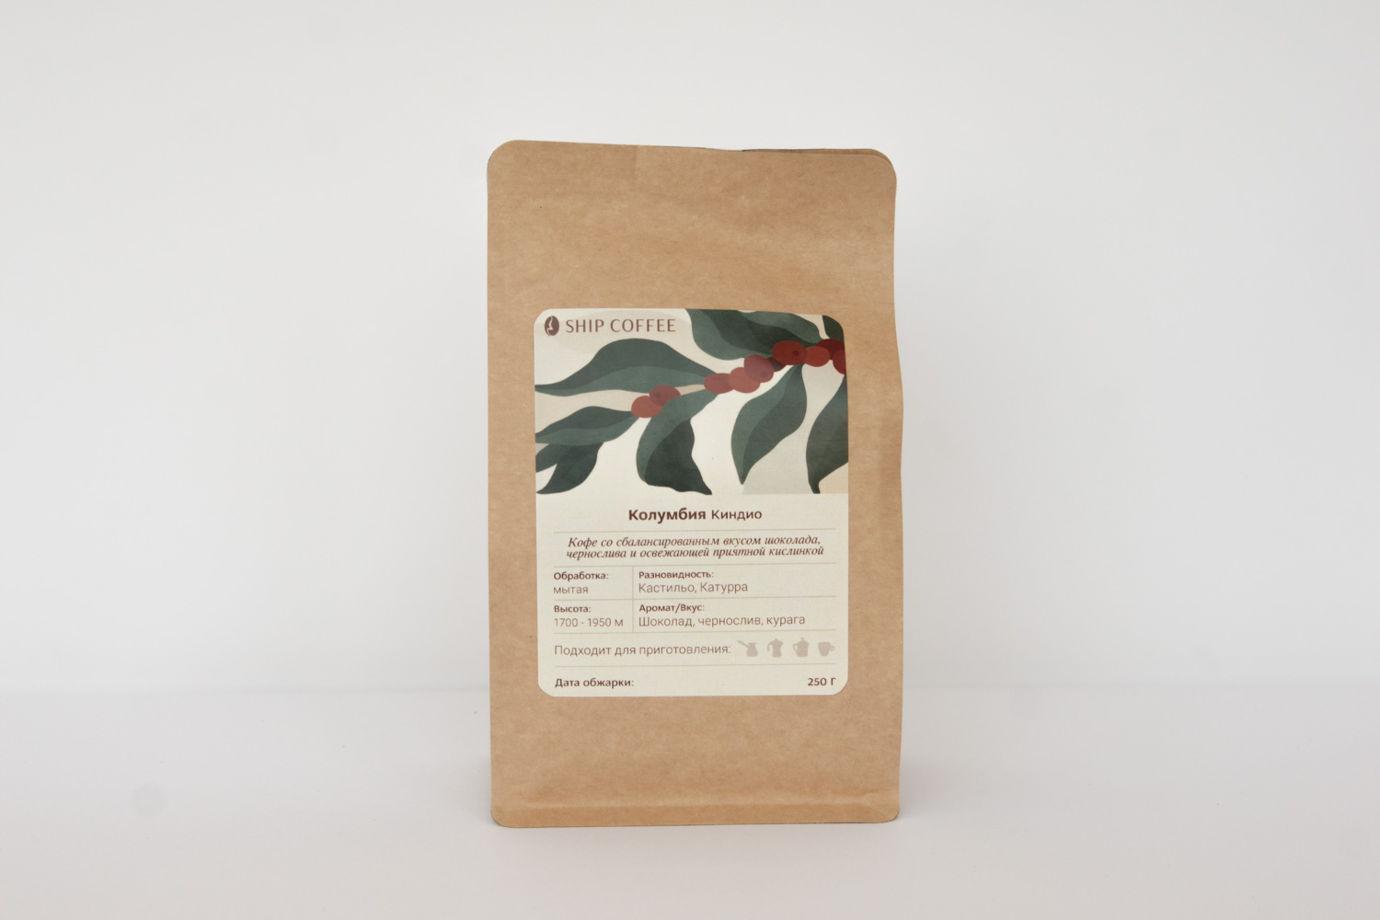 Свежеобжаренный кофе Колумбия Киндио